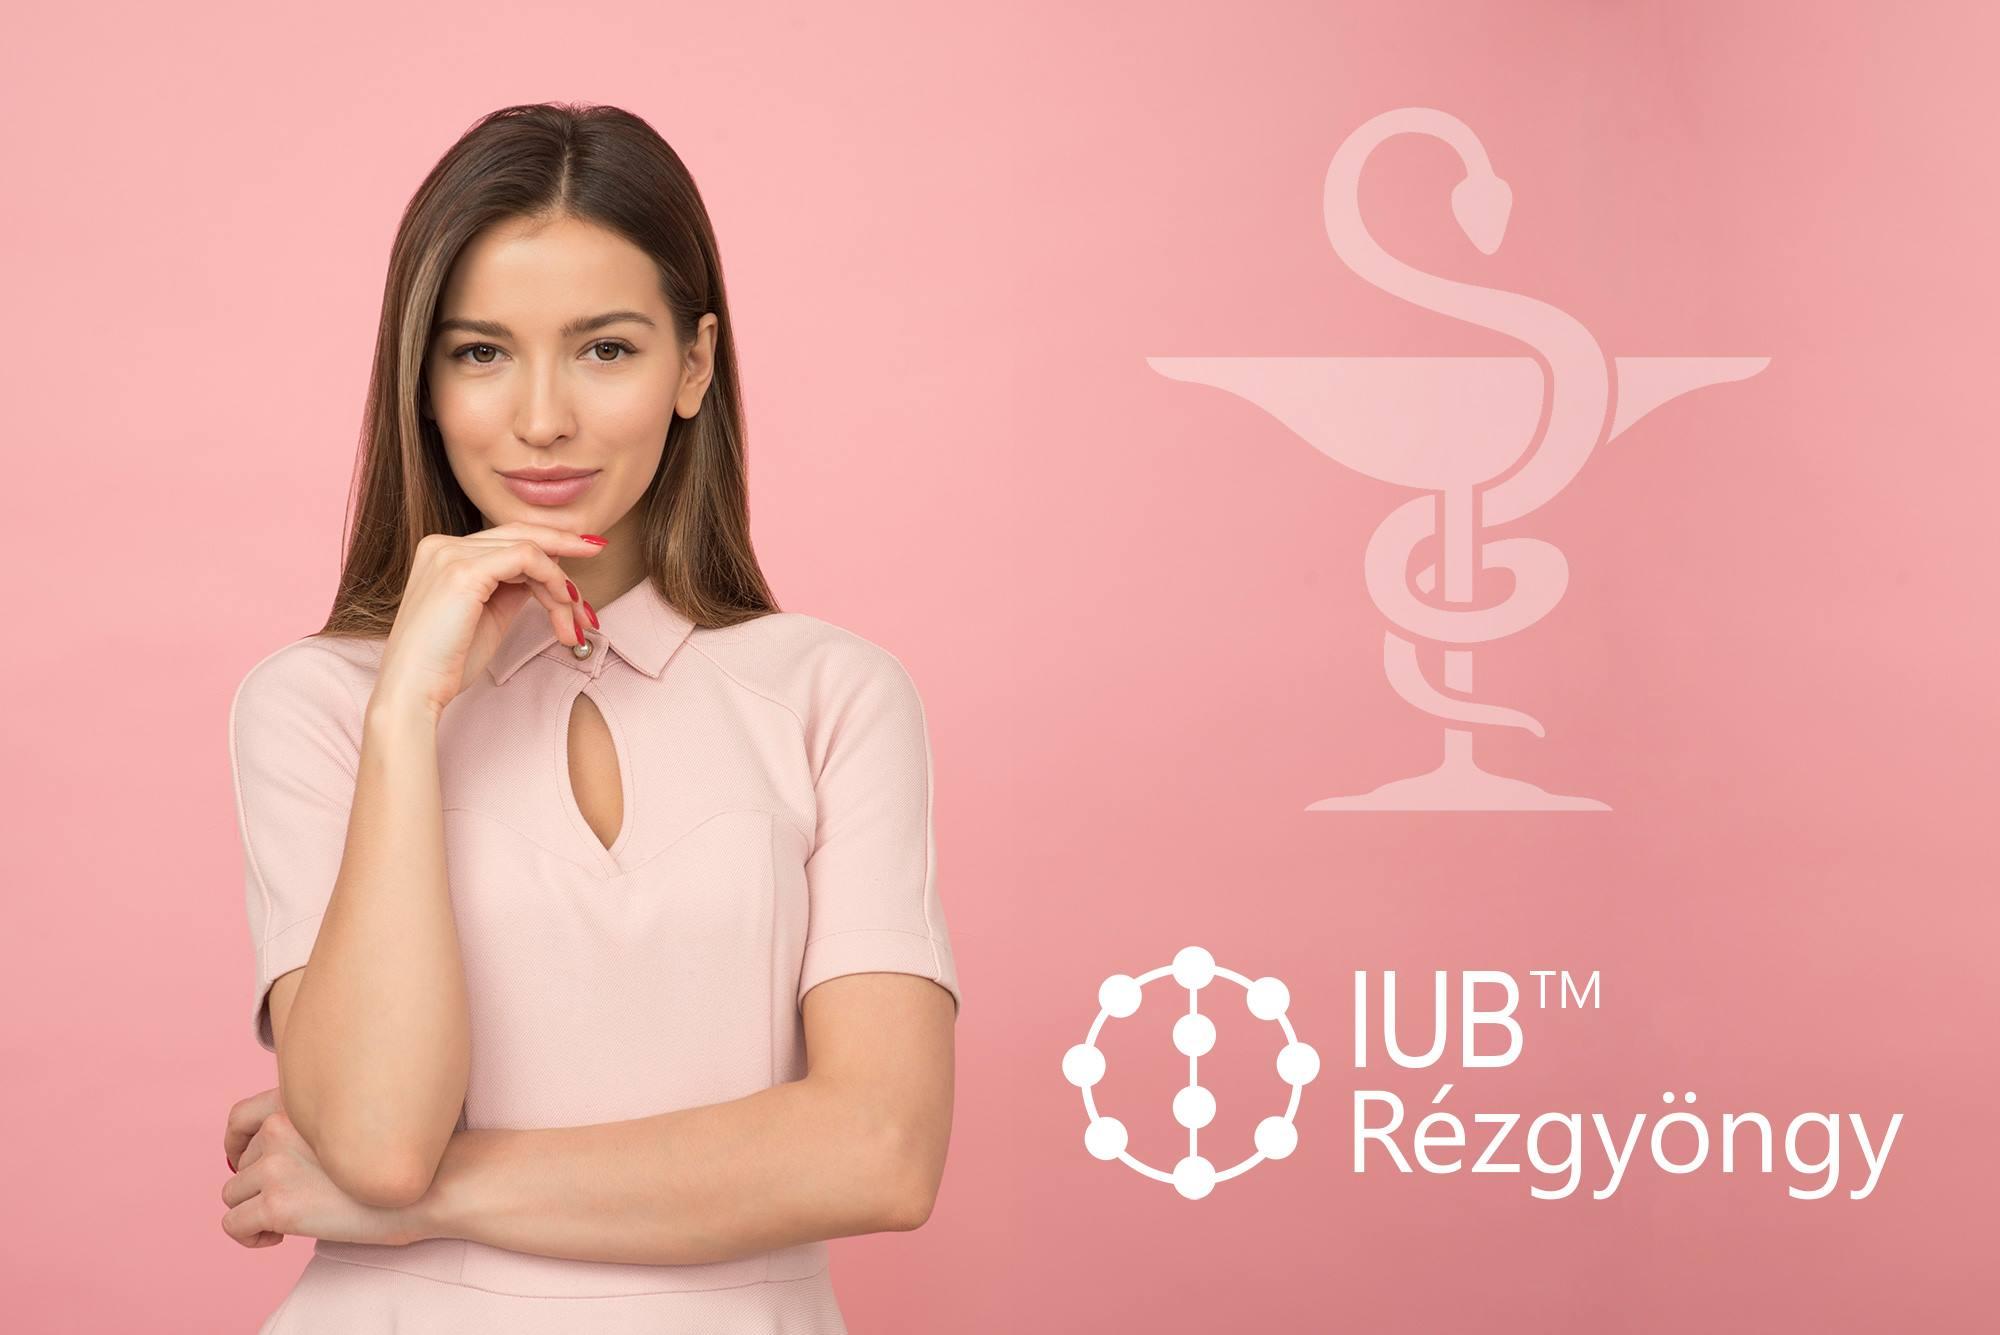 A képen az IUB™ Rézgyöngy kreatívja látható, mellyel bejelenti a patikákban való forgalmazást